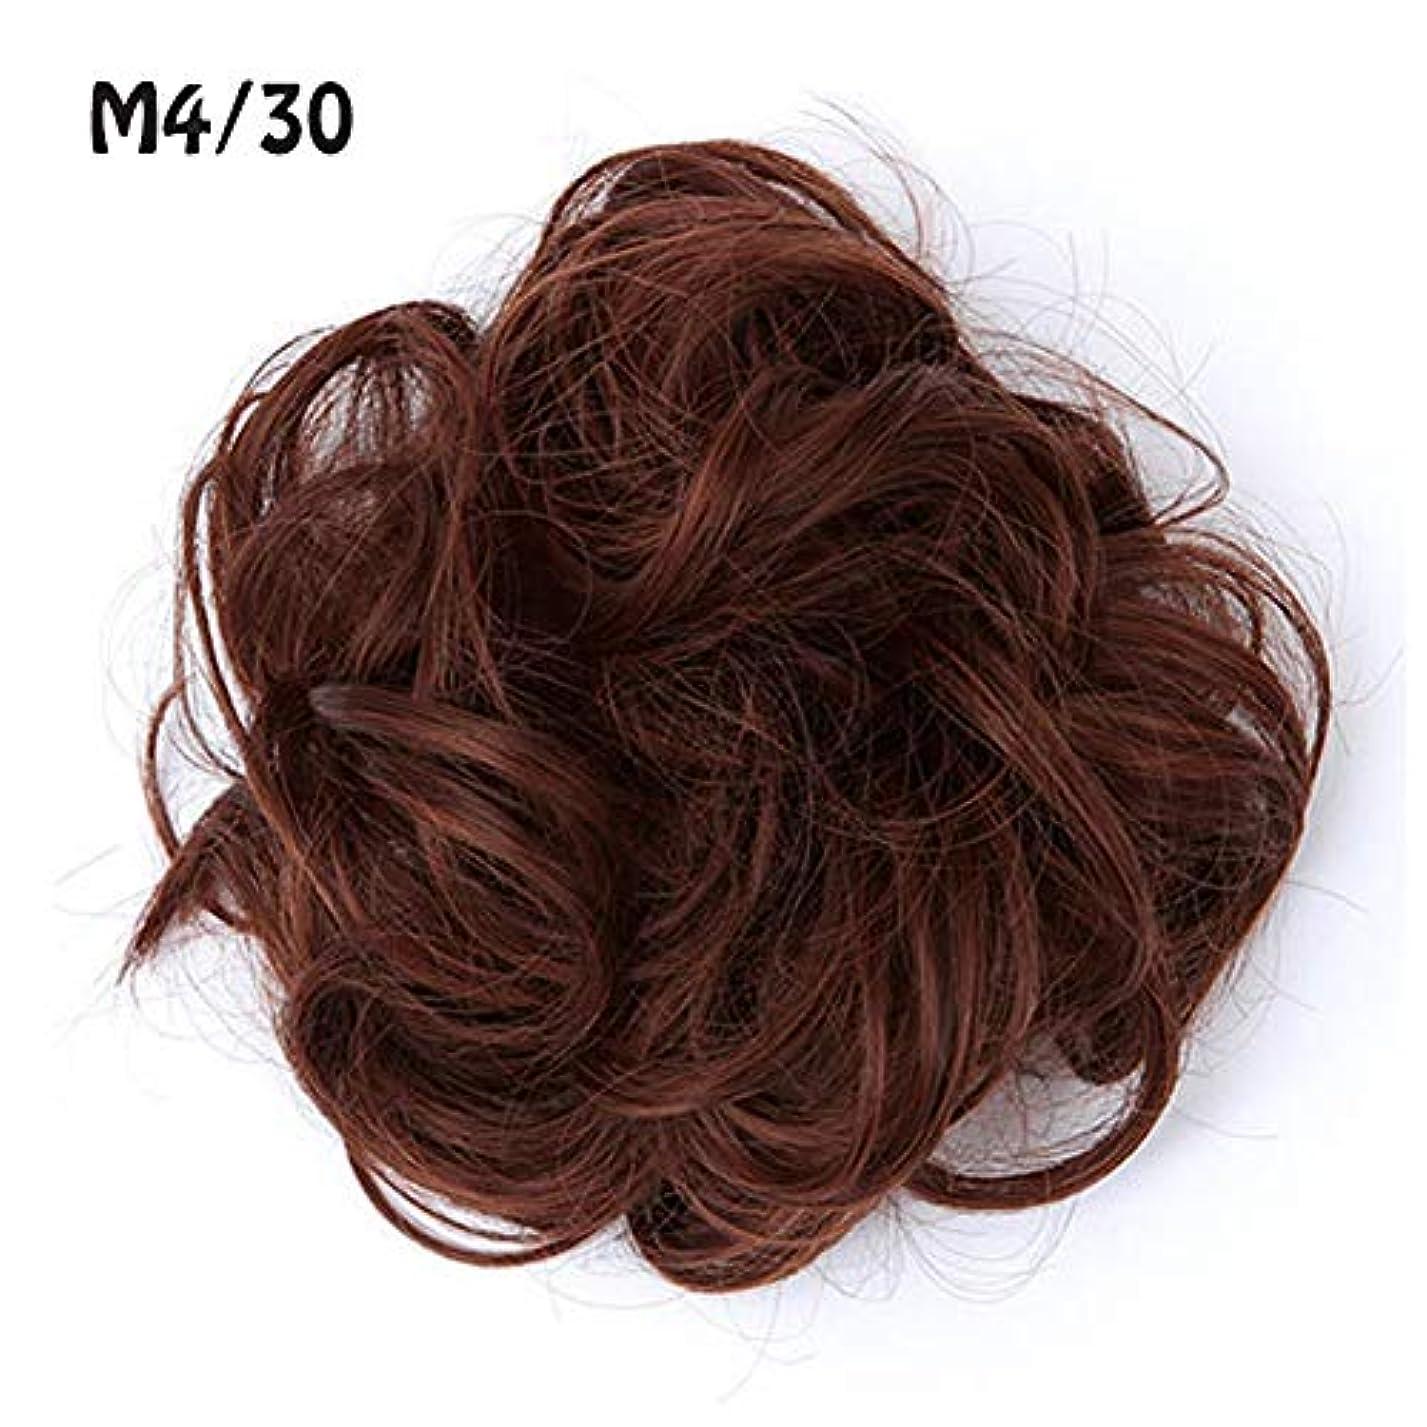 パラダイス中に自分のためにポニーテールシニョンドーナツアップリボンアクセサリー、乱雑な髪のお団子シュシュの拡張機能、女性のためのカーリー波状の作品